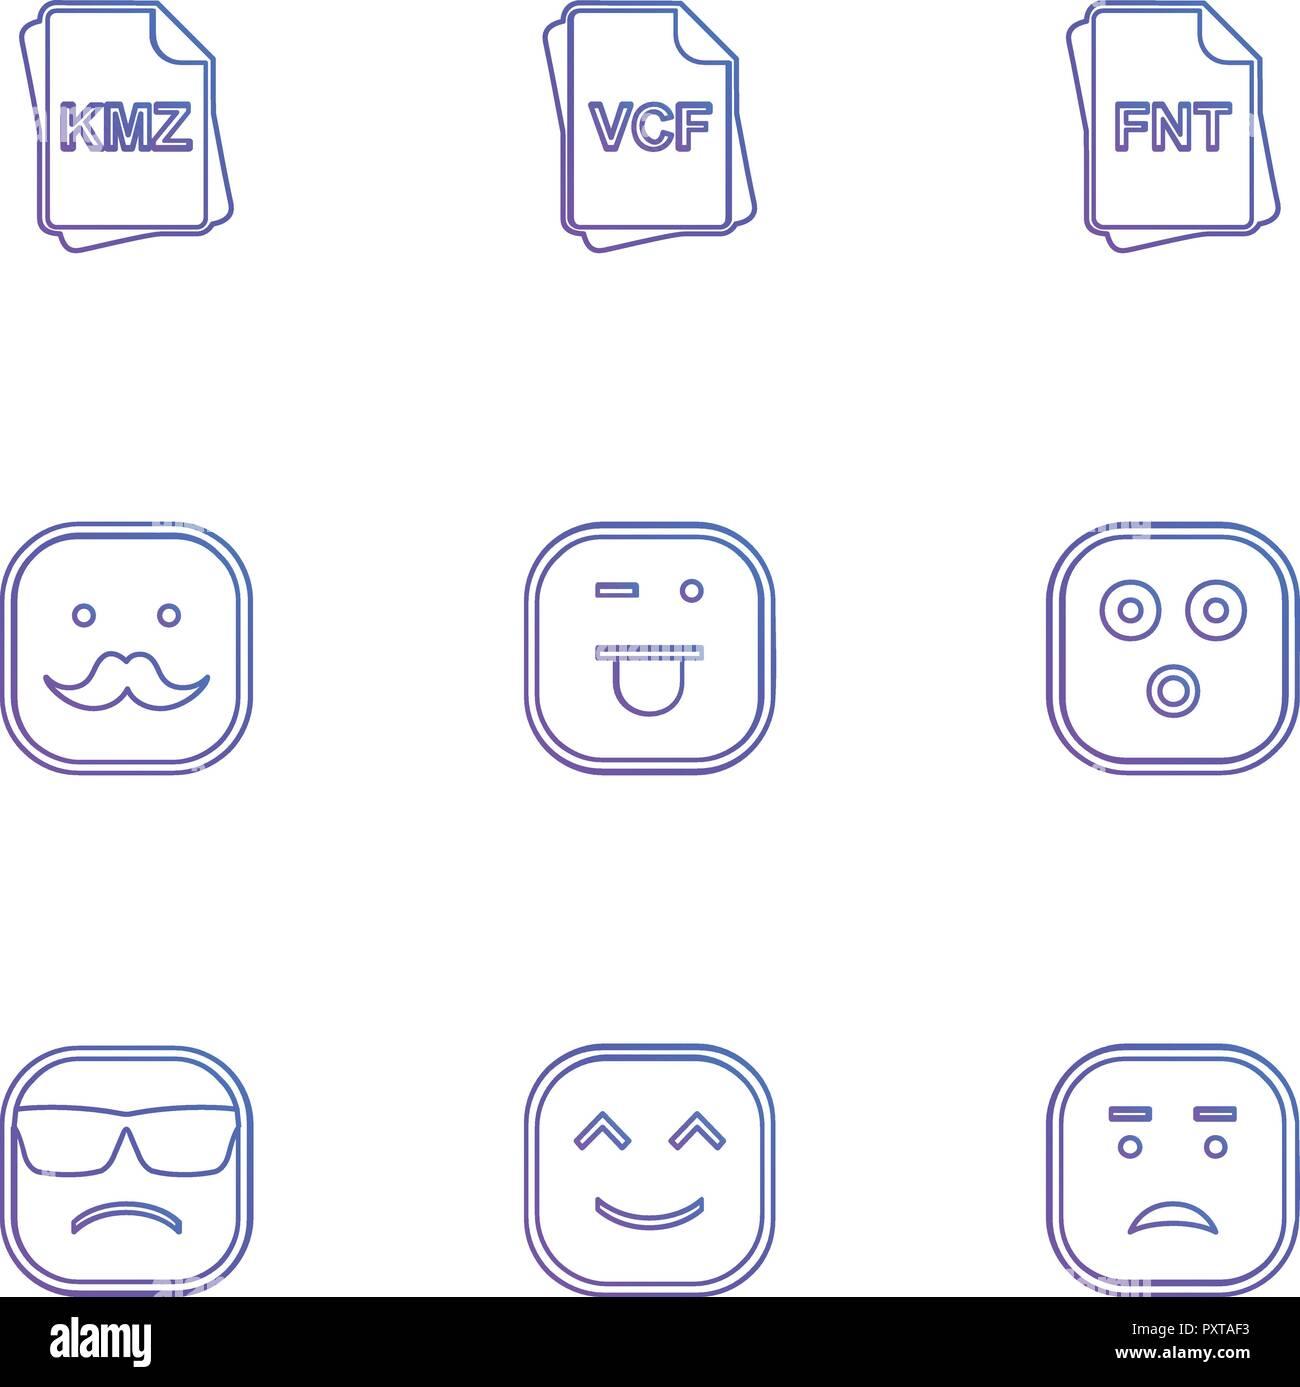 emoji , emoticon , smiley , happy , sad, cry , laugh